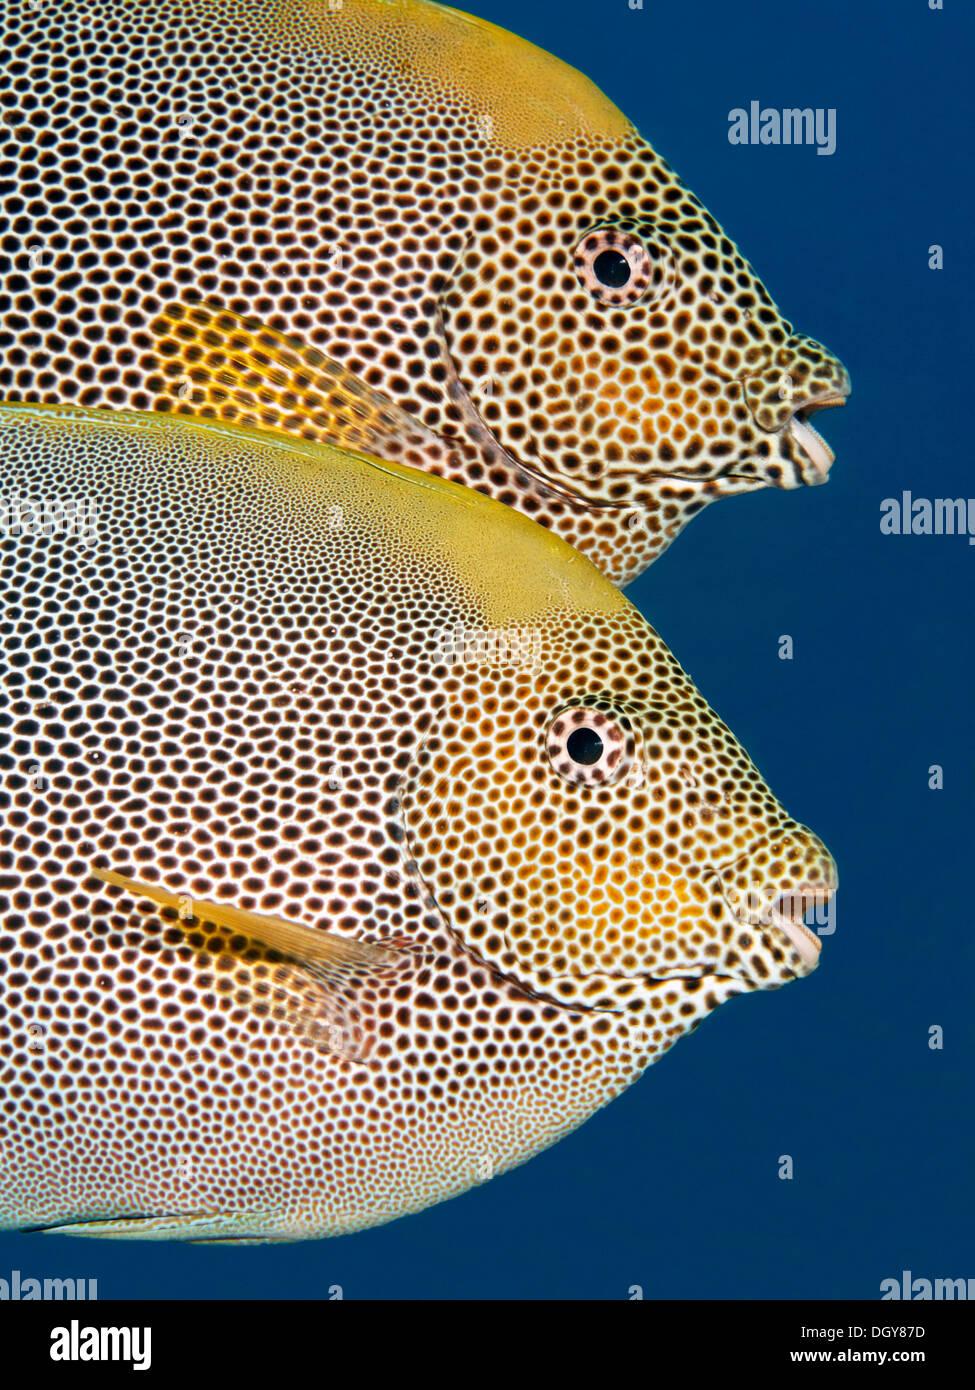 Paire, Brownspotted Sigan marbré (Siganus stellatus), Royaume hachémite de Jordanie, JK, Mer Rouge, de l'Asie occidentale Photo Stock